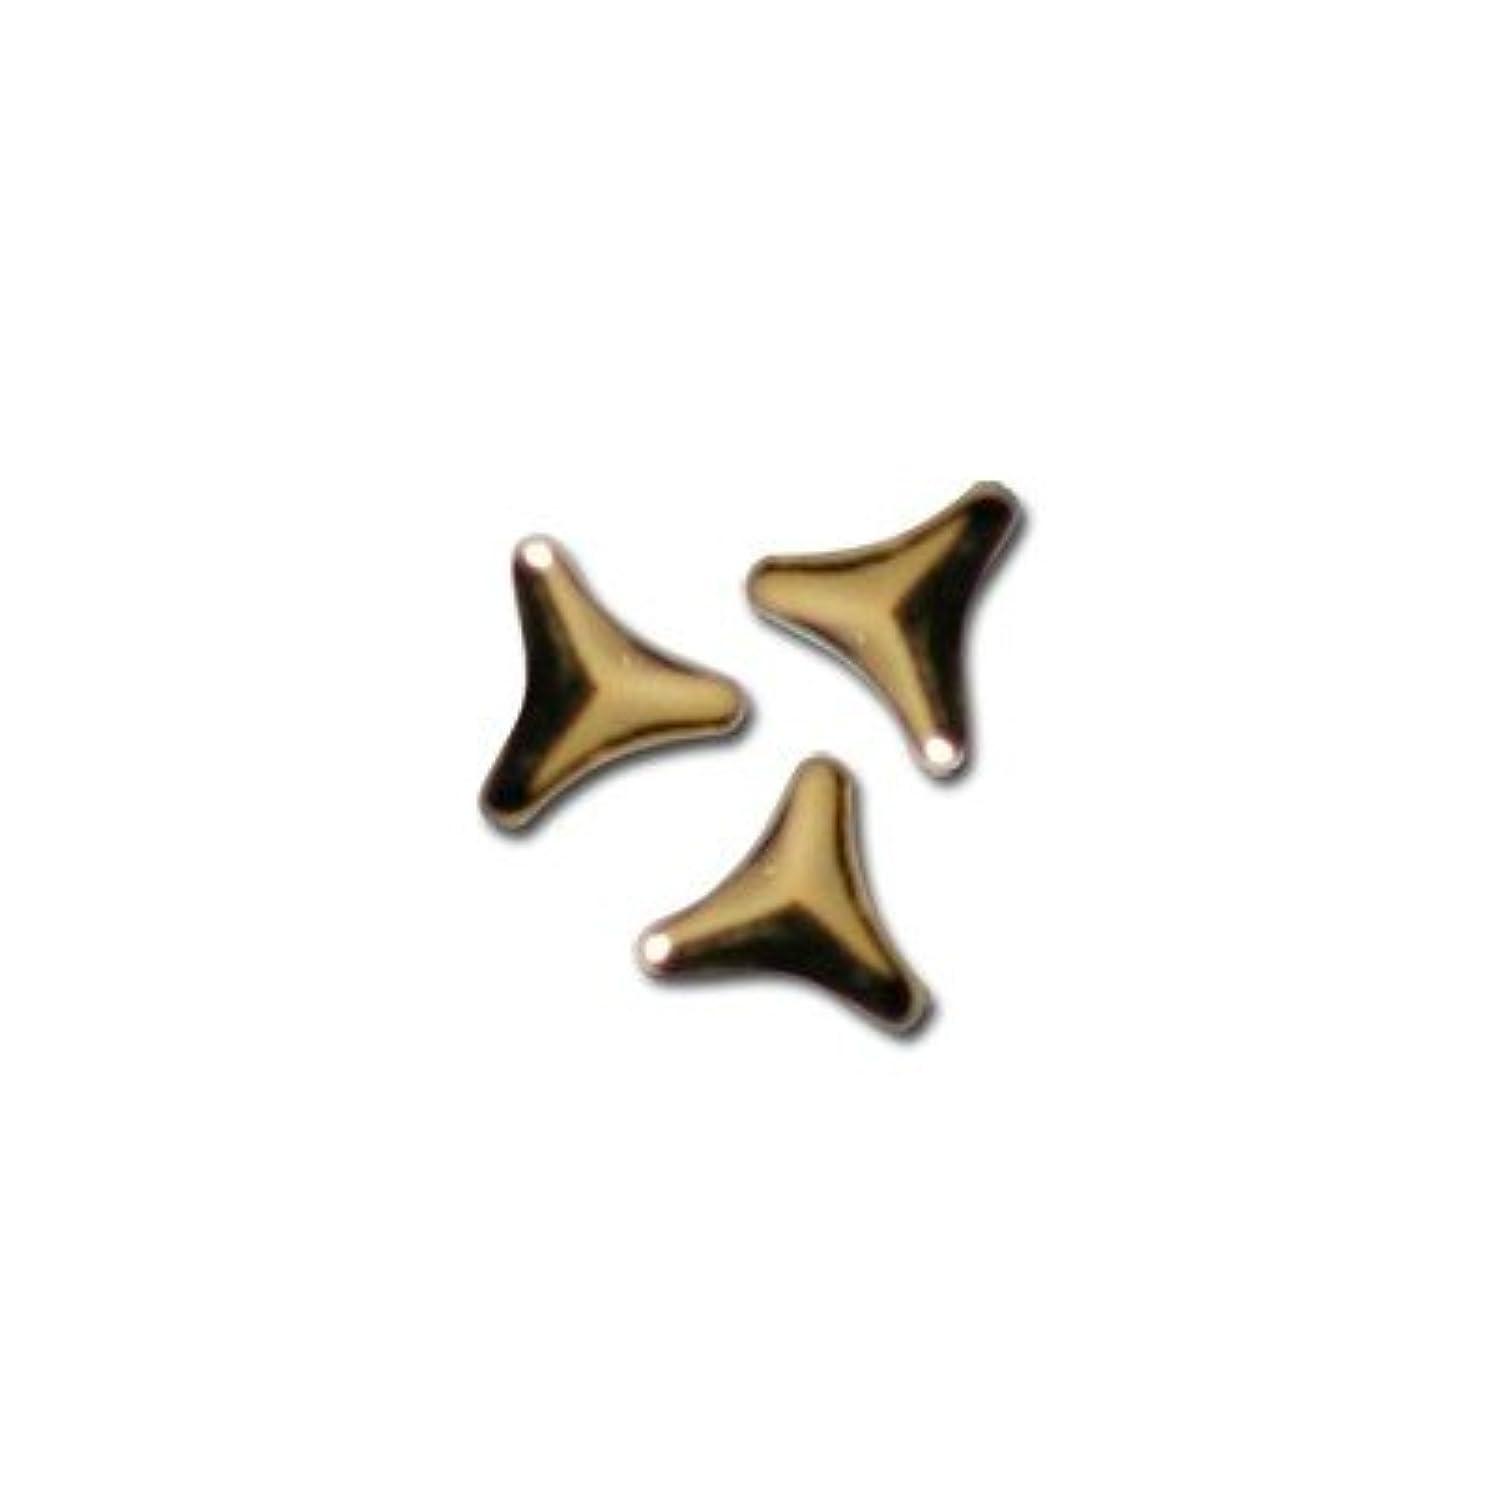 アレキサンダーグラハムベル納得させる歴史ピアドラ スタッズ トライアングルマーク 2mm 50P ゴールド